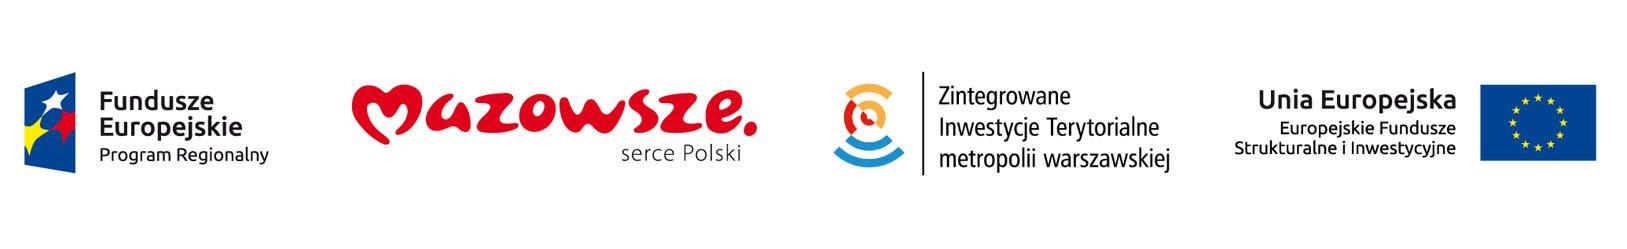 Program Rozwoju Obszaru Metropolitalnego Warszawy - Znak odwołuje się do idei rozwoju terytorialnego symbolizowanego przez różę wiatrów z łukami rozchodzącymi się z jej środka na cztery strony świata. Wspólne centrum wyraża wspólnotę celów i działań, jednocześnie poprzez zróżnicowanie kolorów i długości łuków sugeruje odrębność terytorialną gmin. Łuki tworzą uproszczoną postać Syrenki, co podkreśla powiązanie projektu z m.st Warszawą.